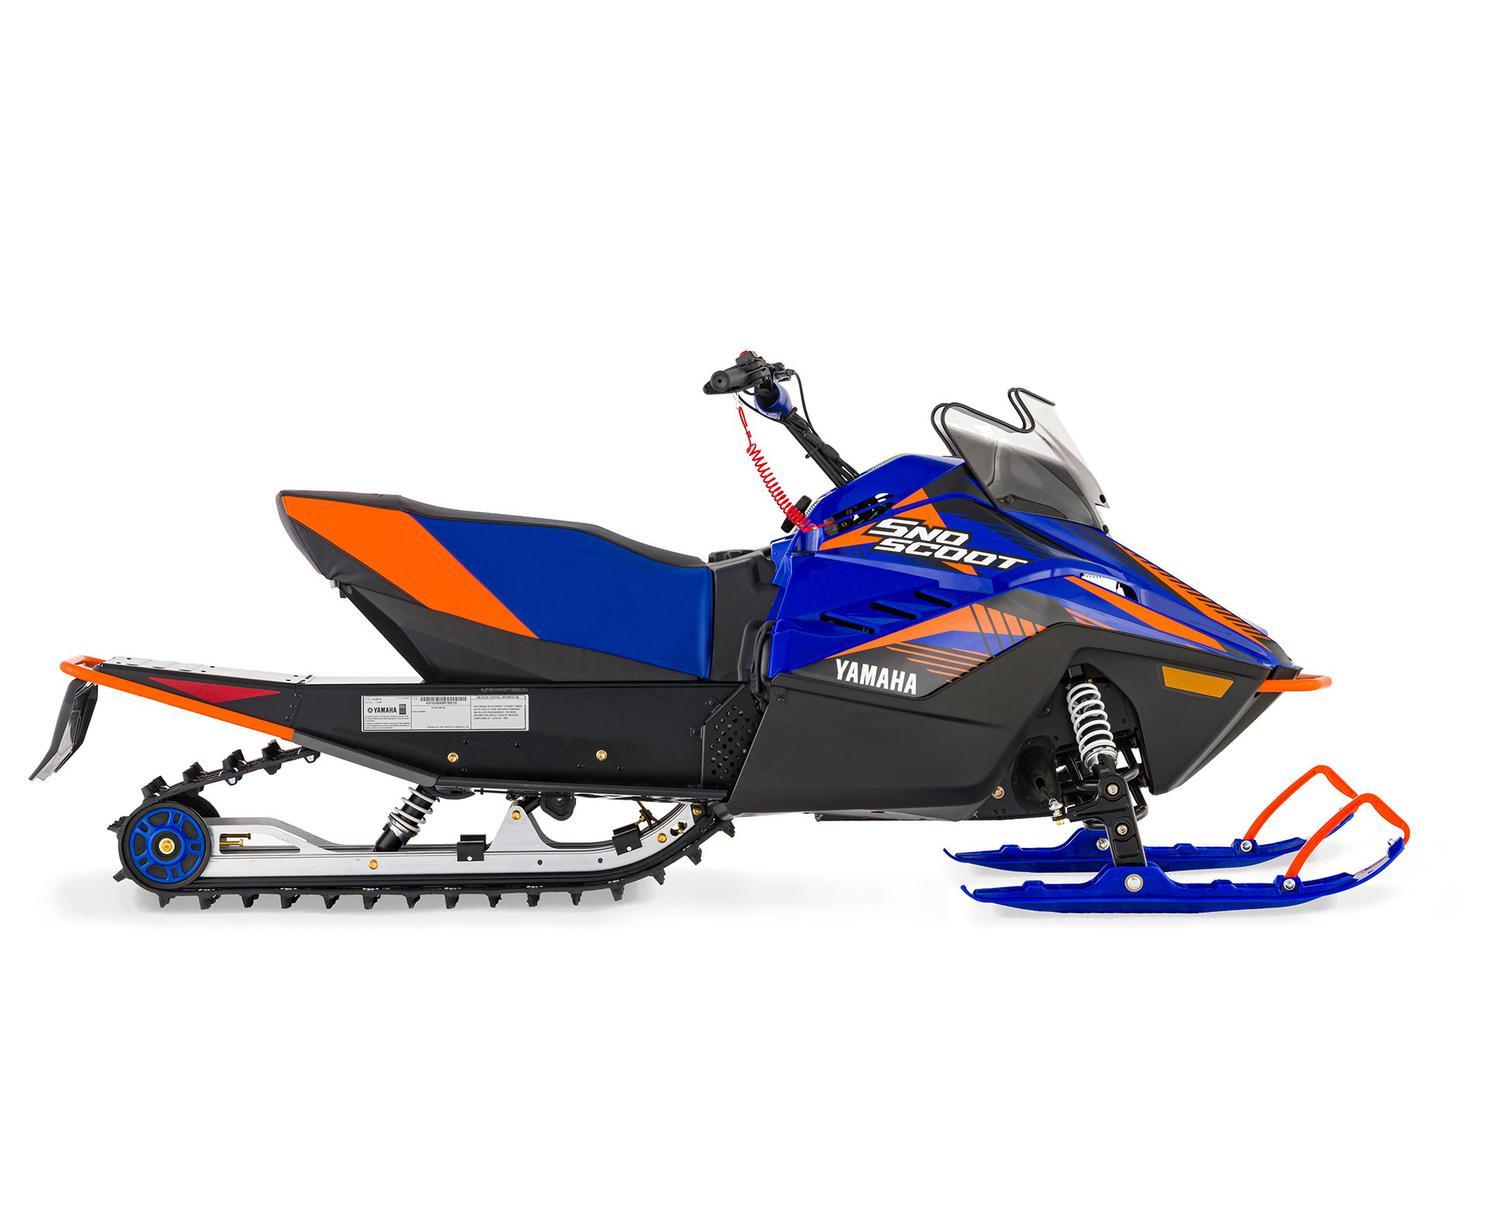 Yamaha Snoscoot ES Blue/Orange 2021